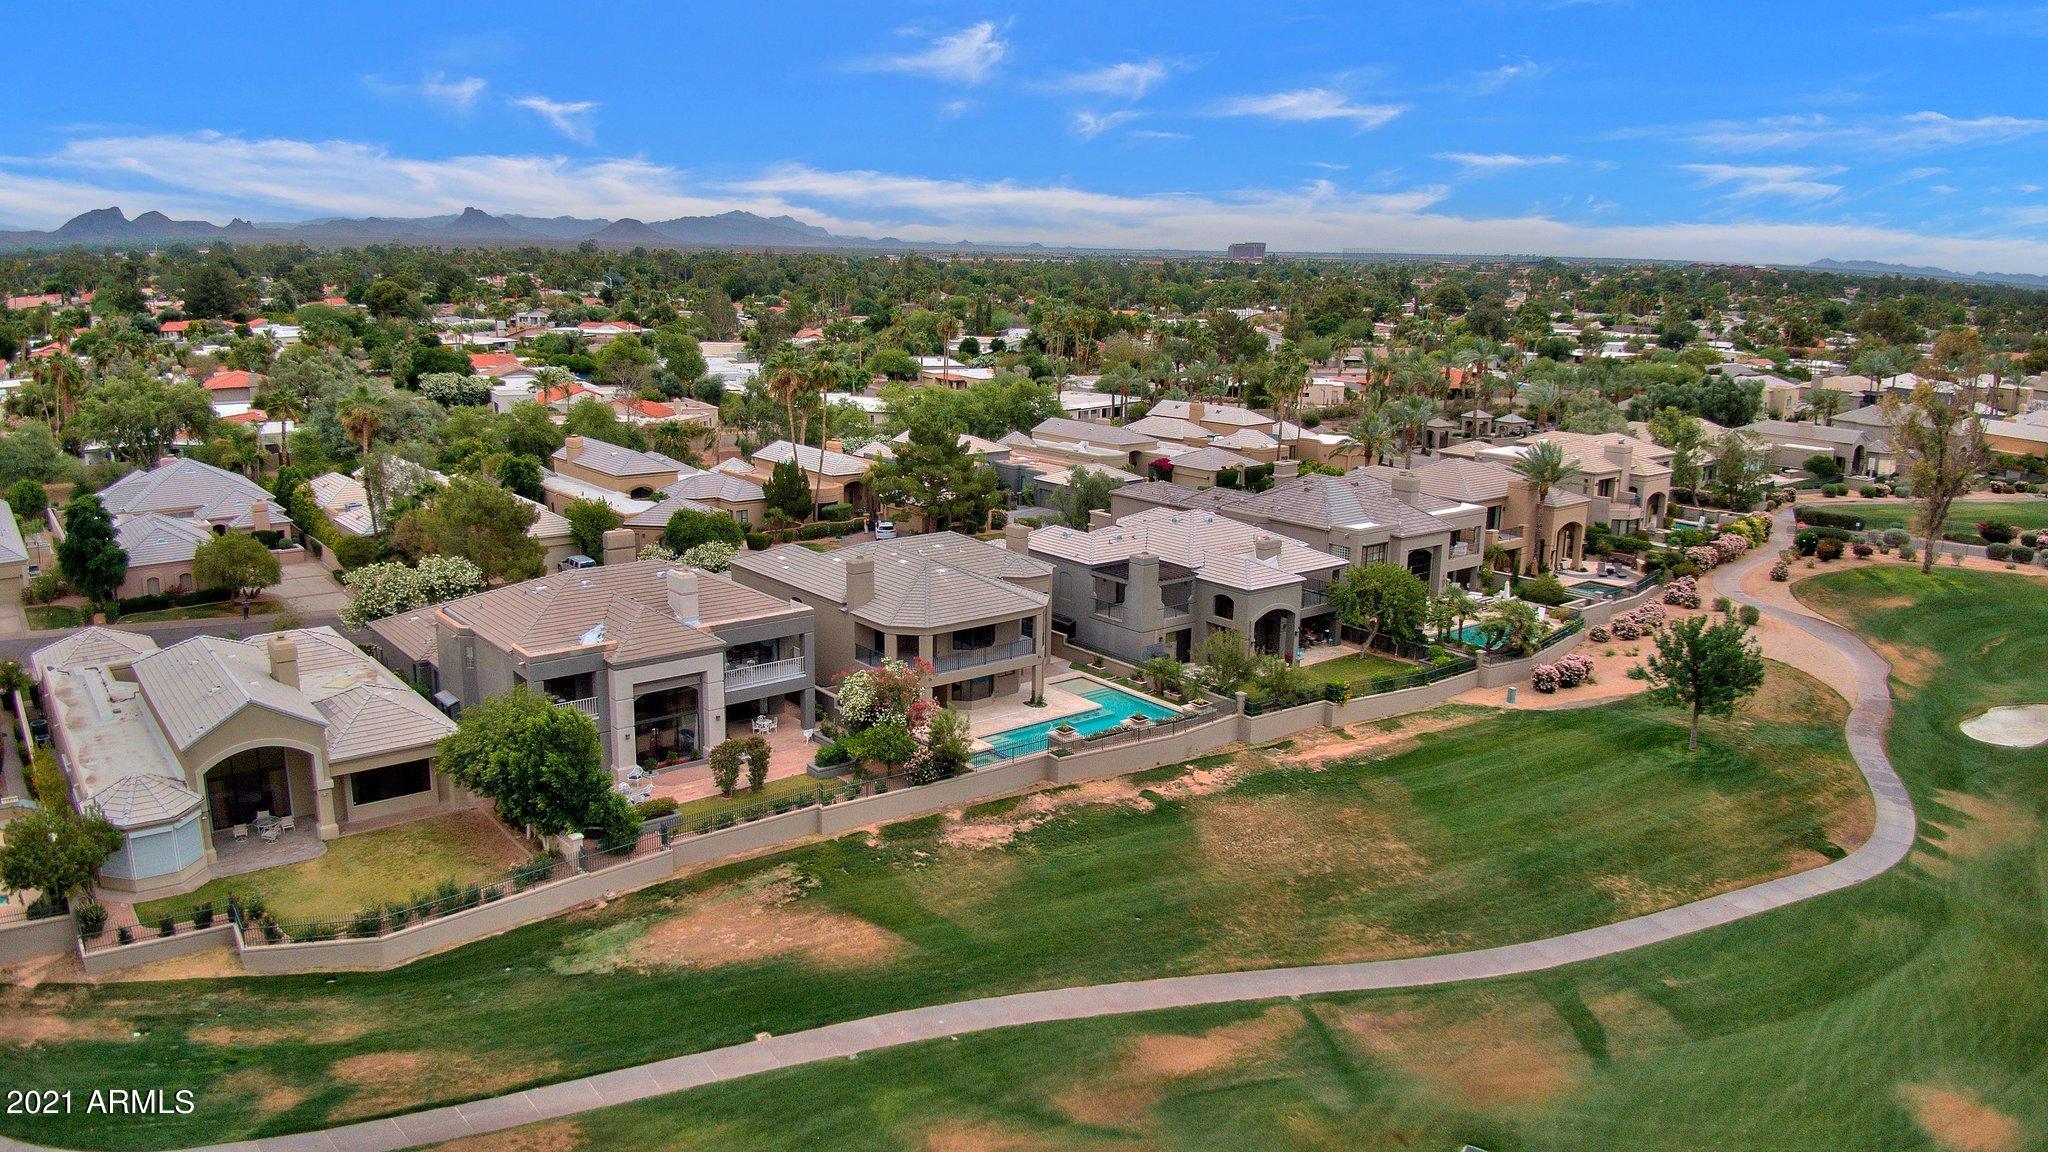 MLS 6240281 7878 E GAINEY RANCH Road Unit 15, Scottsdale, AZ 85258 Scottsdale AZ Gainey Ranch